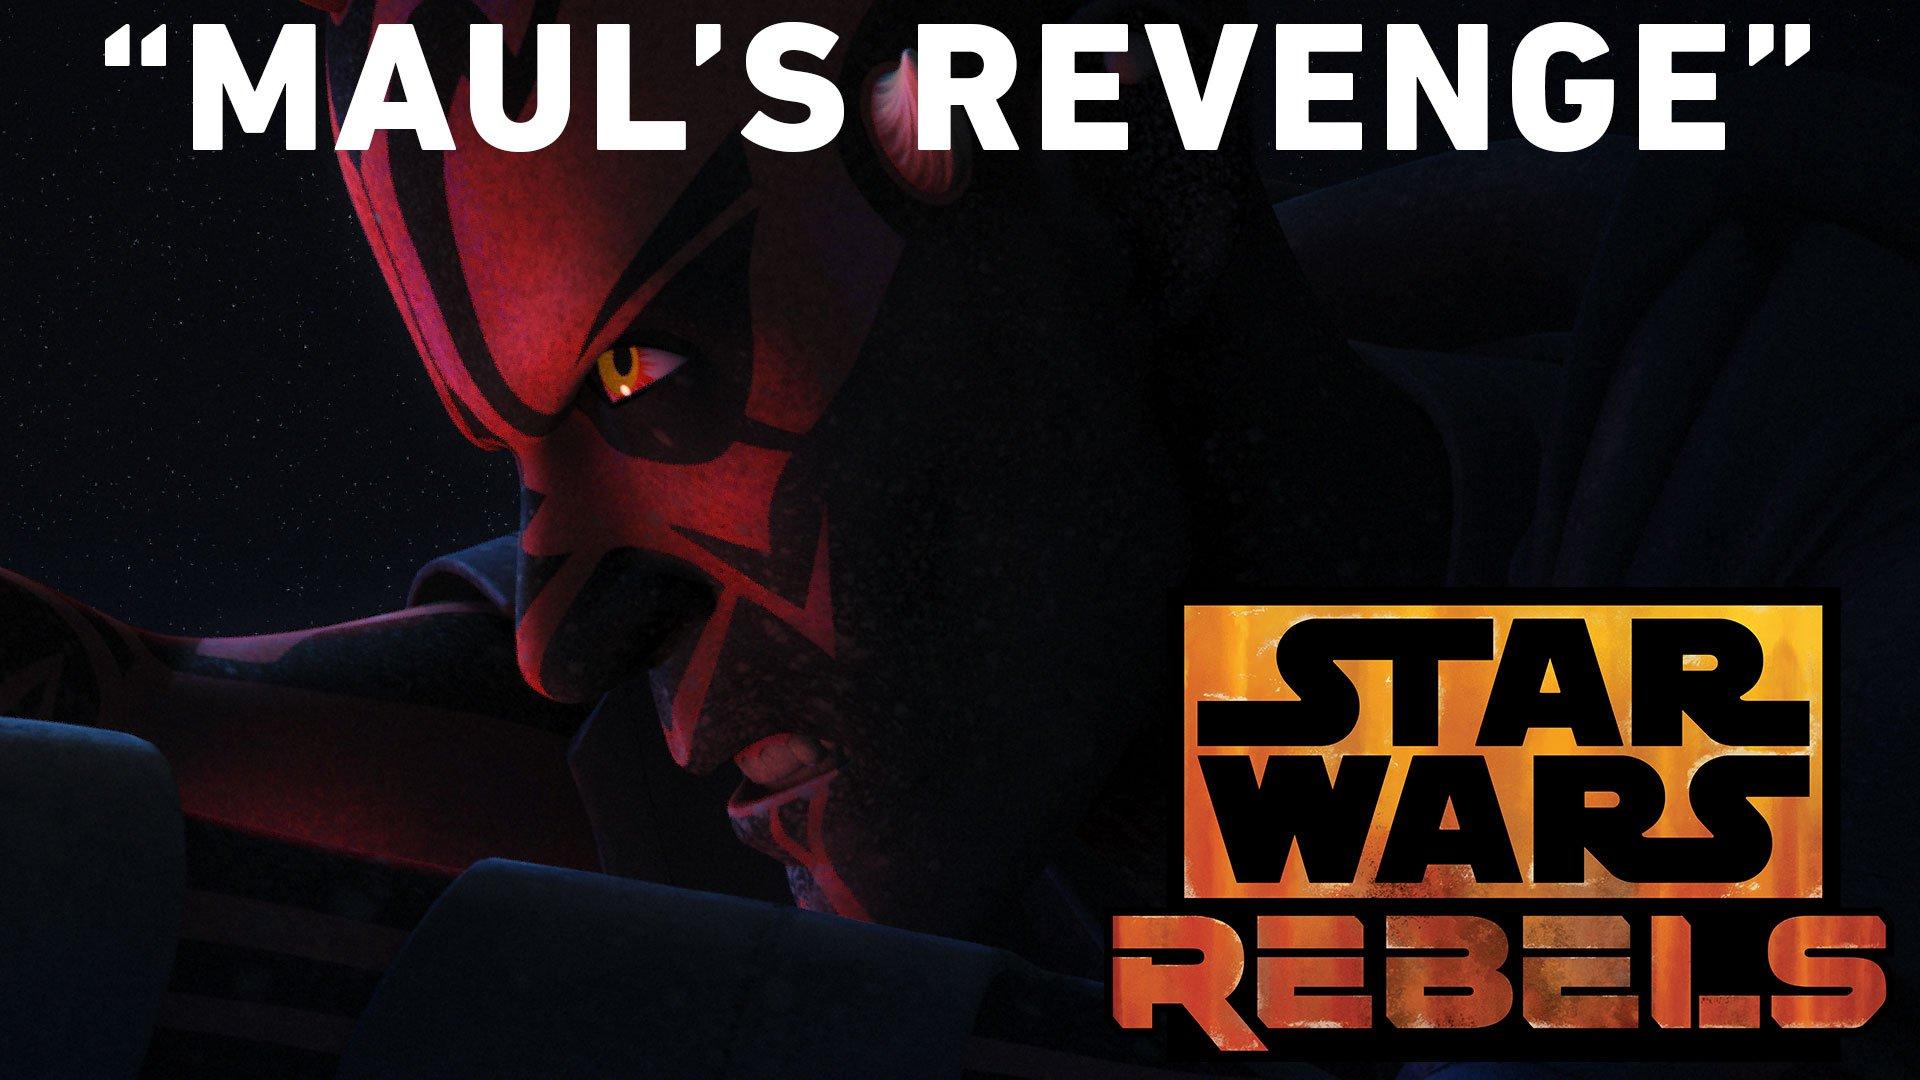 """Maul returns for revenge against Obi-Wan Kenobi in """"Twin Suns."""" Airs Saturday, March 18 at 8:30pm ET/PT on @DisneyXD. #StarWarsRebels https://t.co/UT1GYhOpQB"""